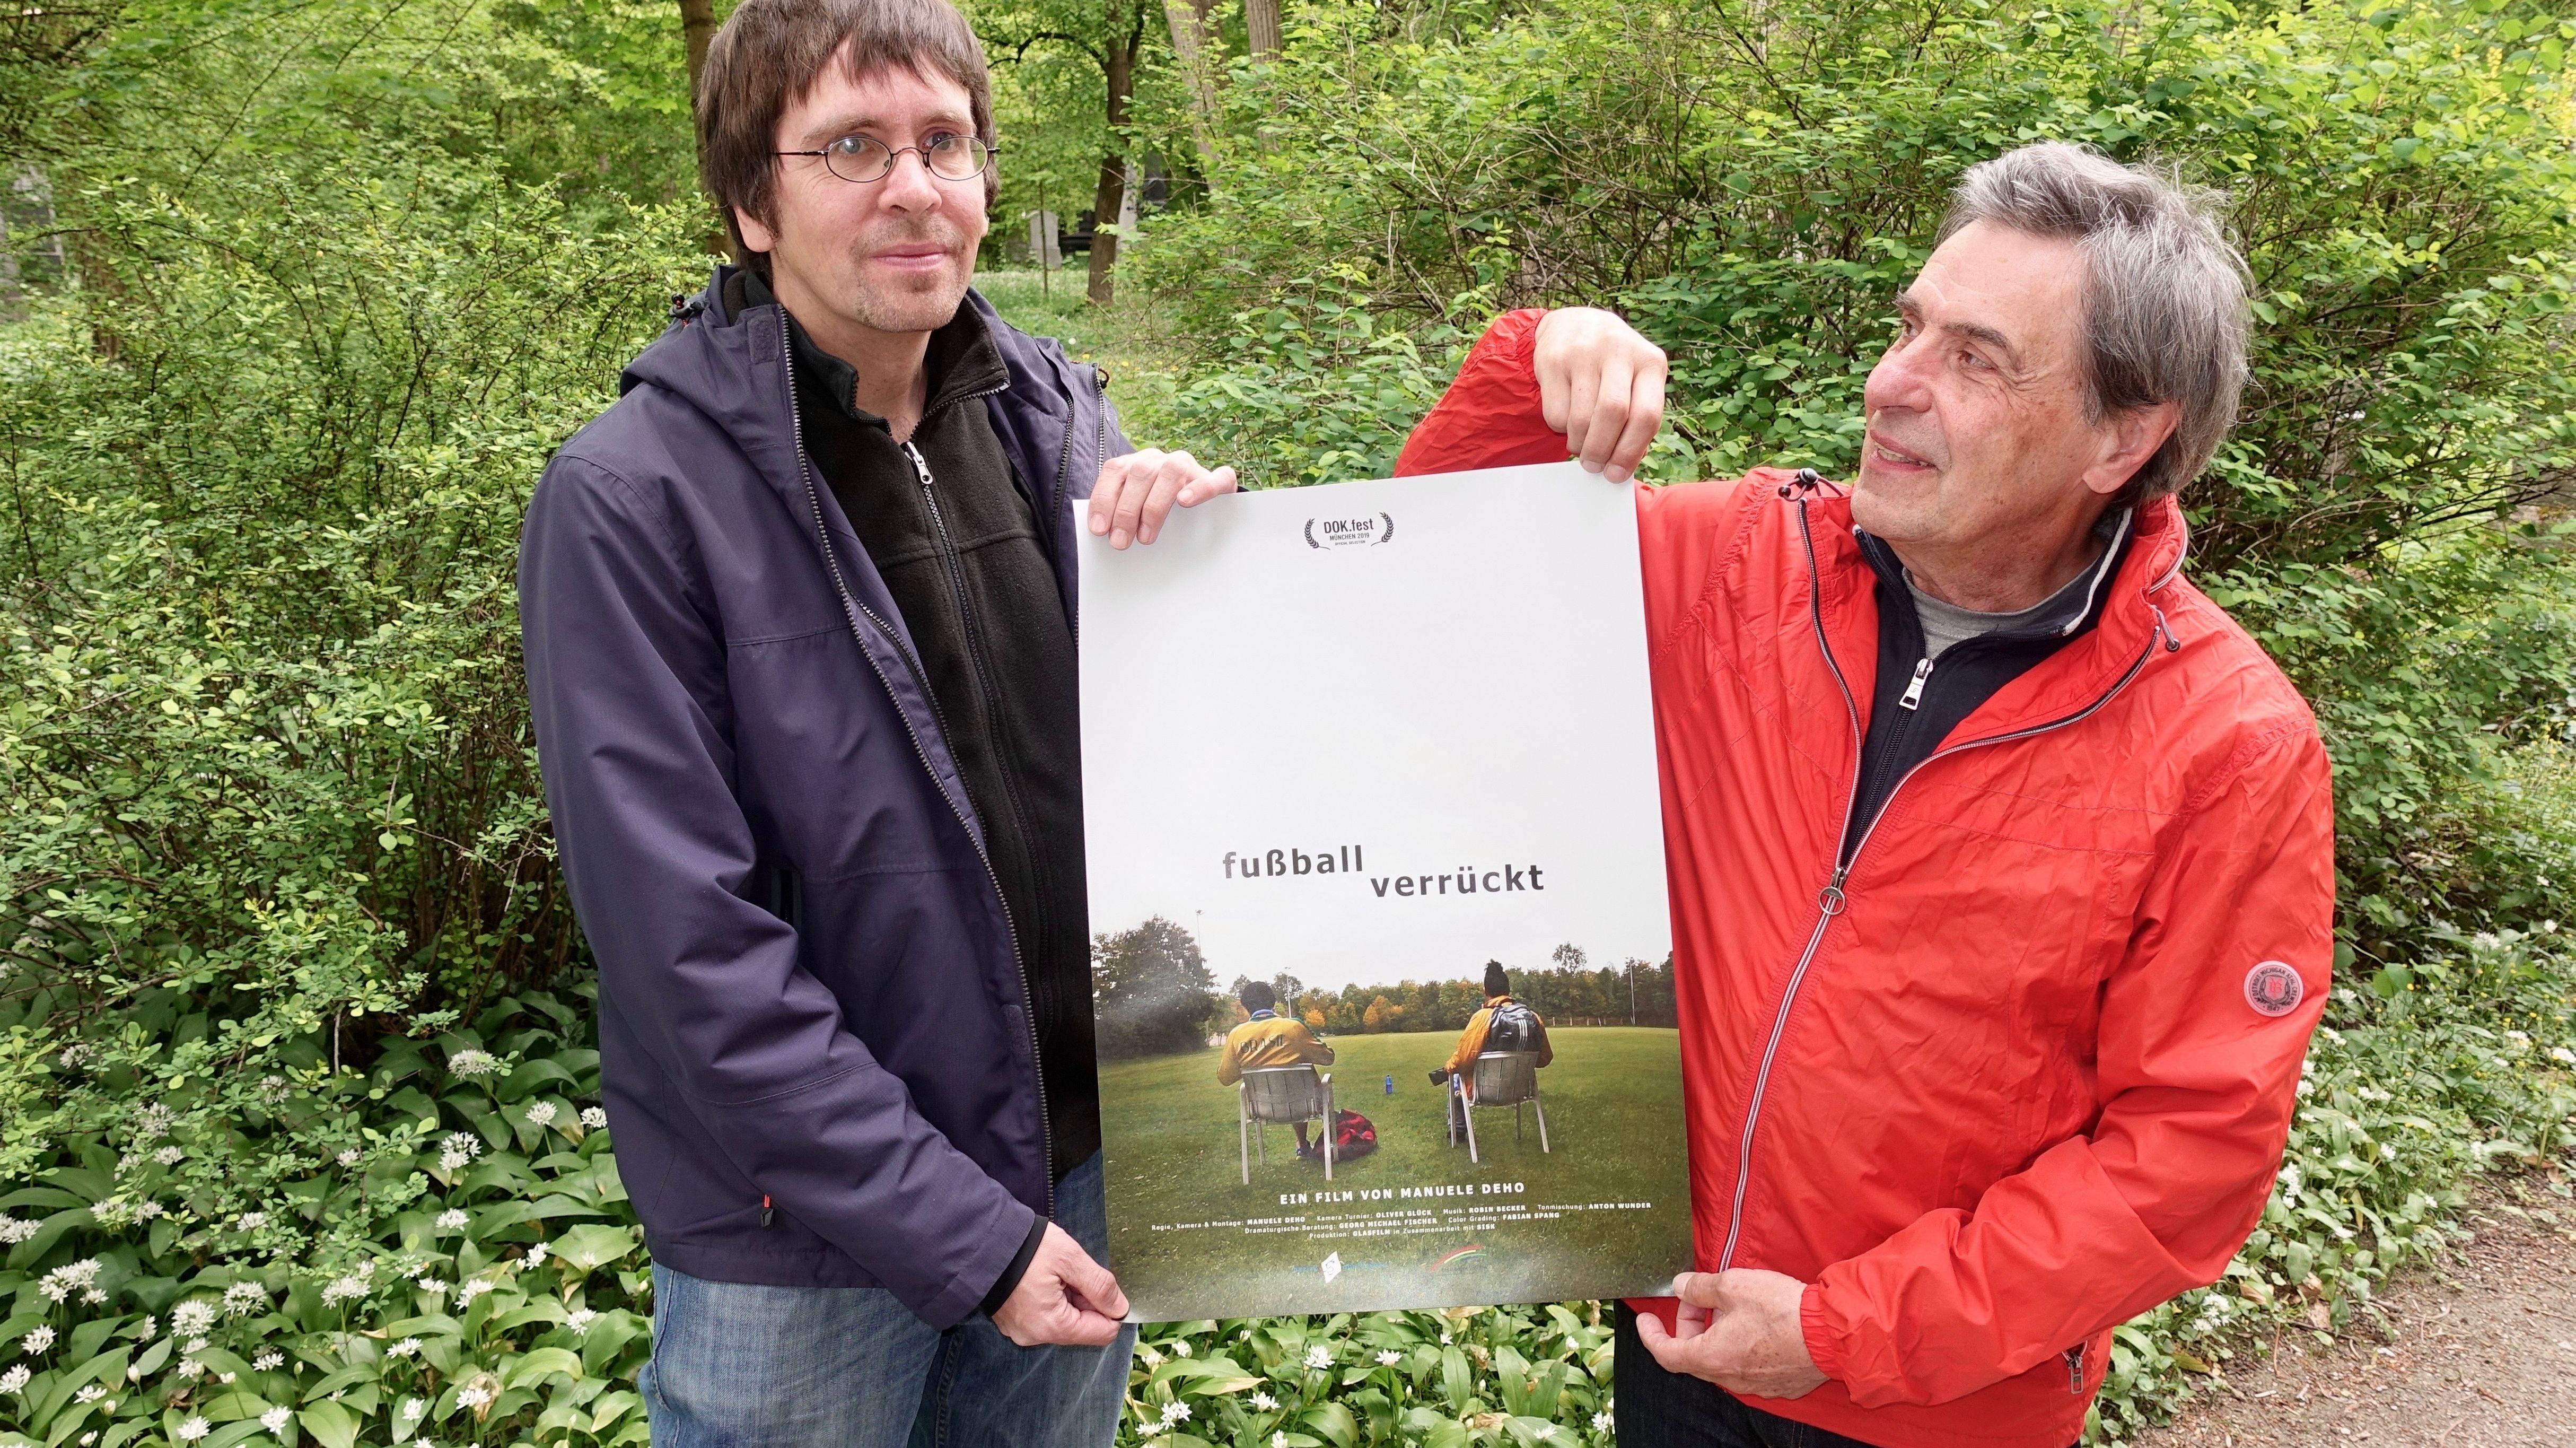 """Die Spieler Andreas Jahnke (links) und Manfred Bauer (rechts) mit dem Filmplakat von """"Fußballverrückt"""""""